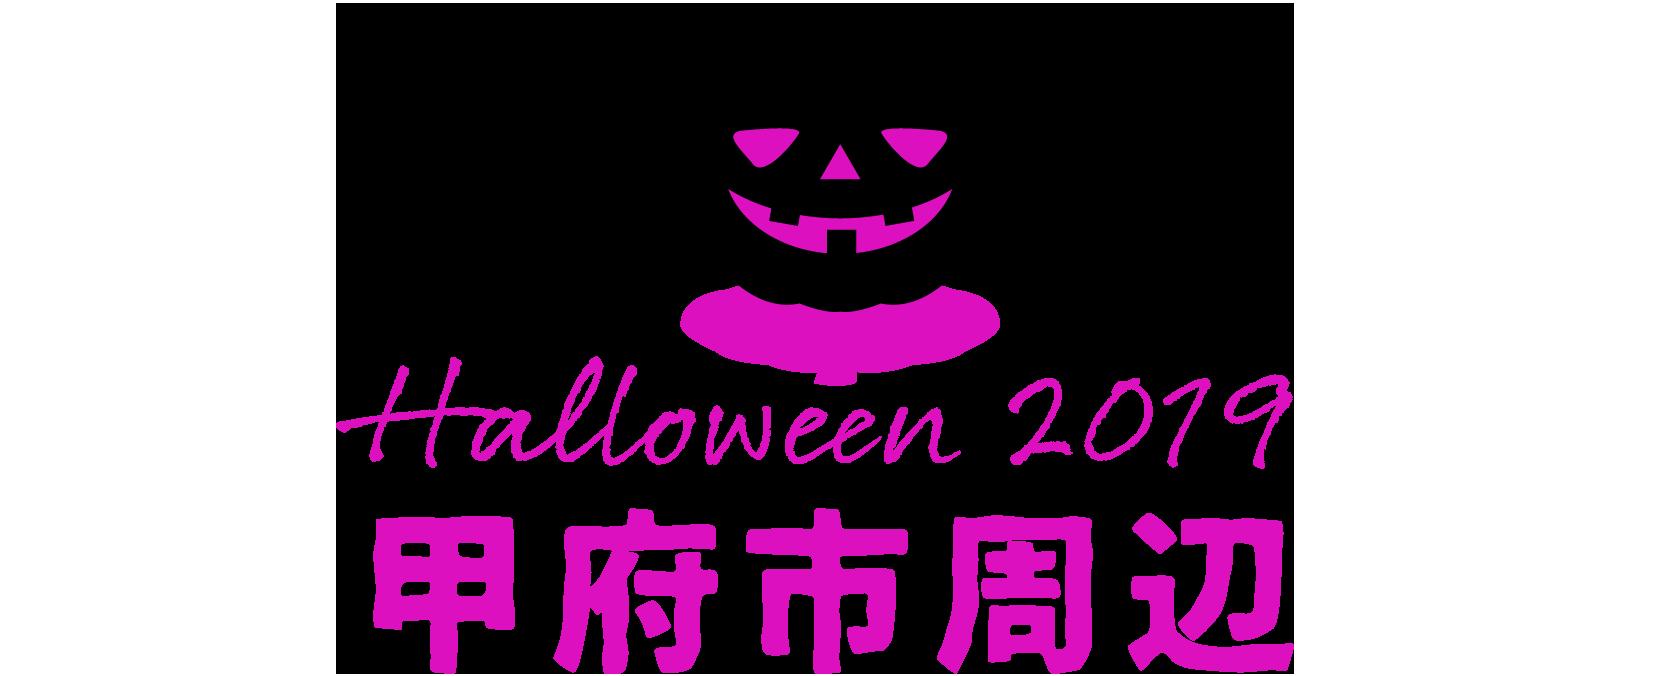 甲府市周辺 Halloween 2019